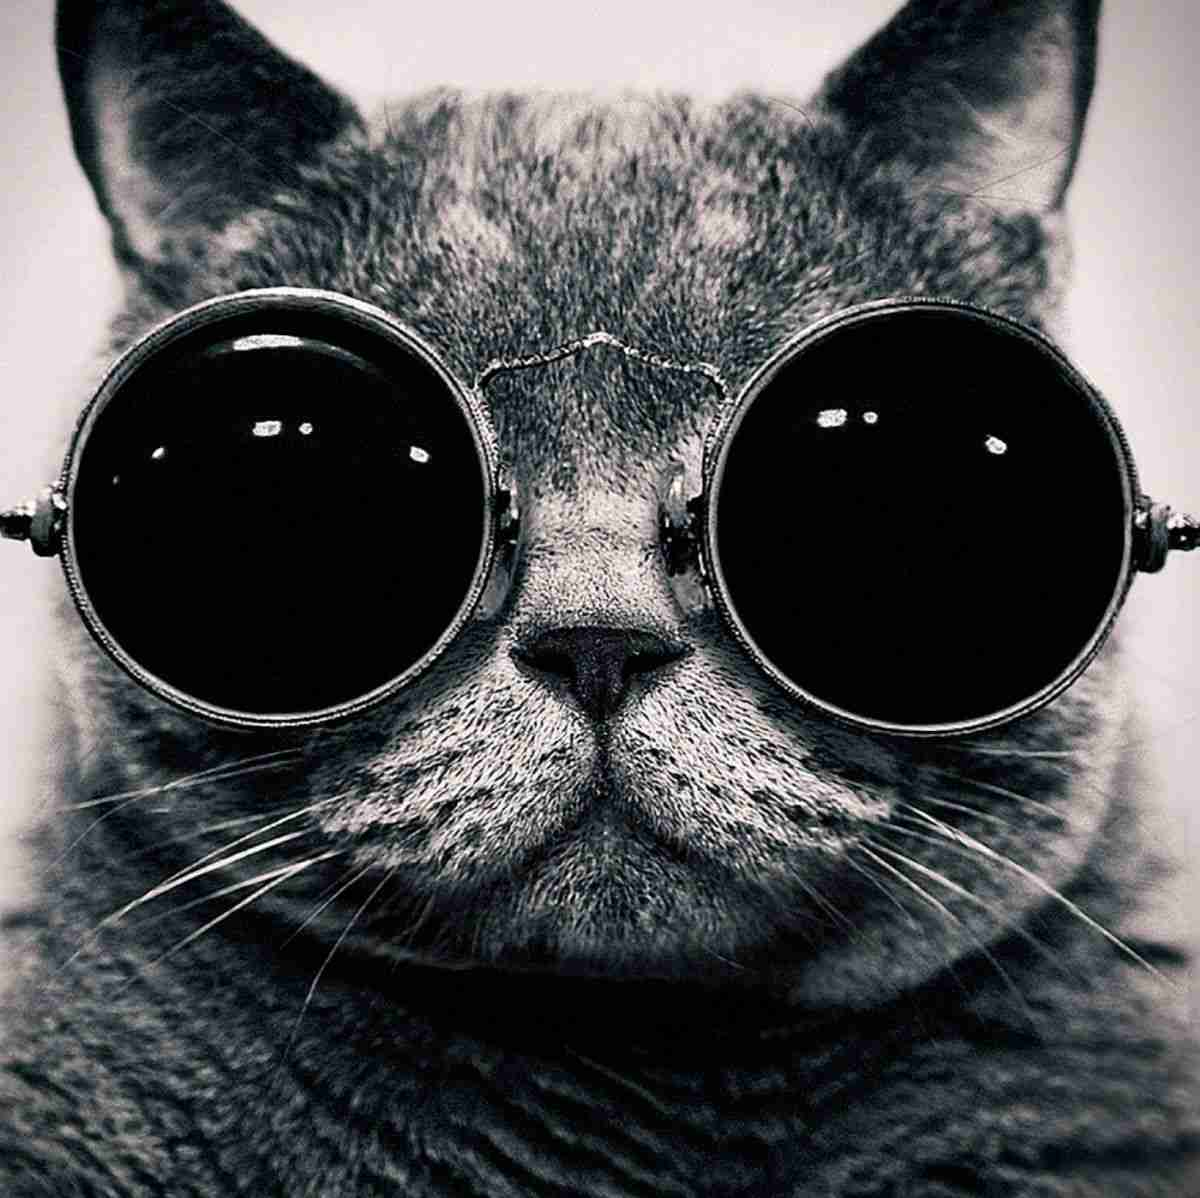 【驚愕】猫を介して、「人間の脳」に寄生し性格を変える『トキソプラズマ』と呼ばれる寄生虫 - NAVER まとめ